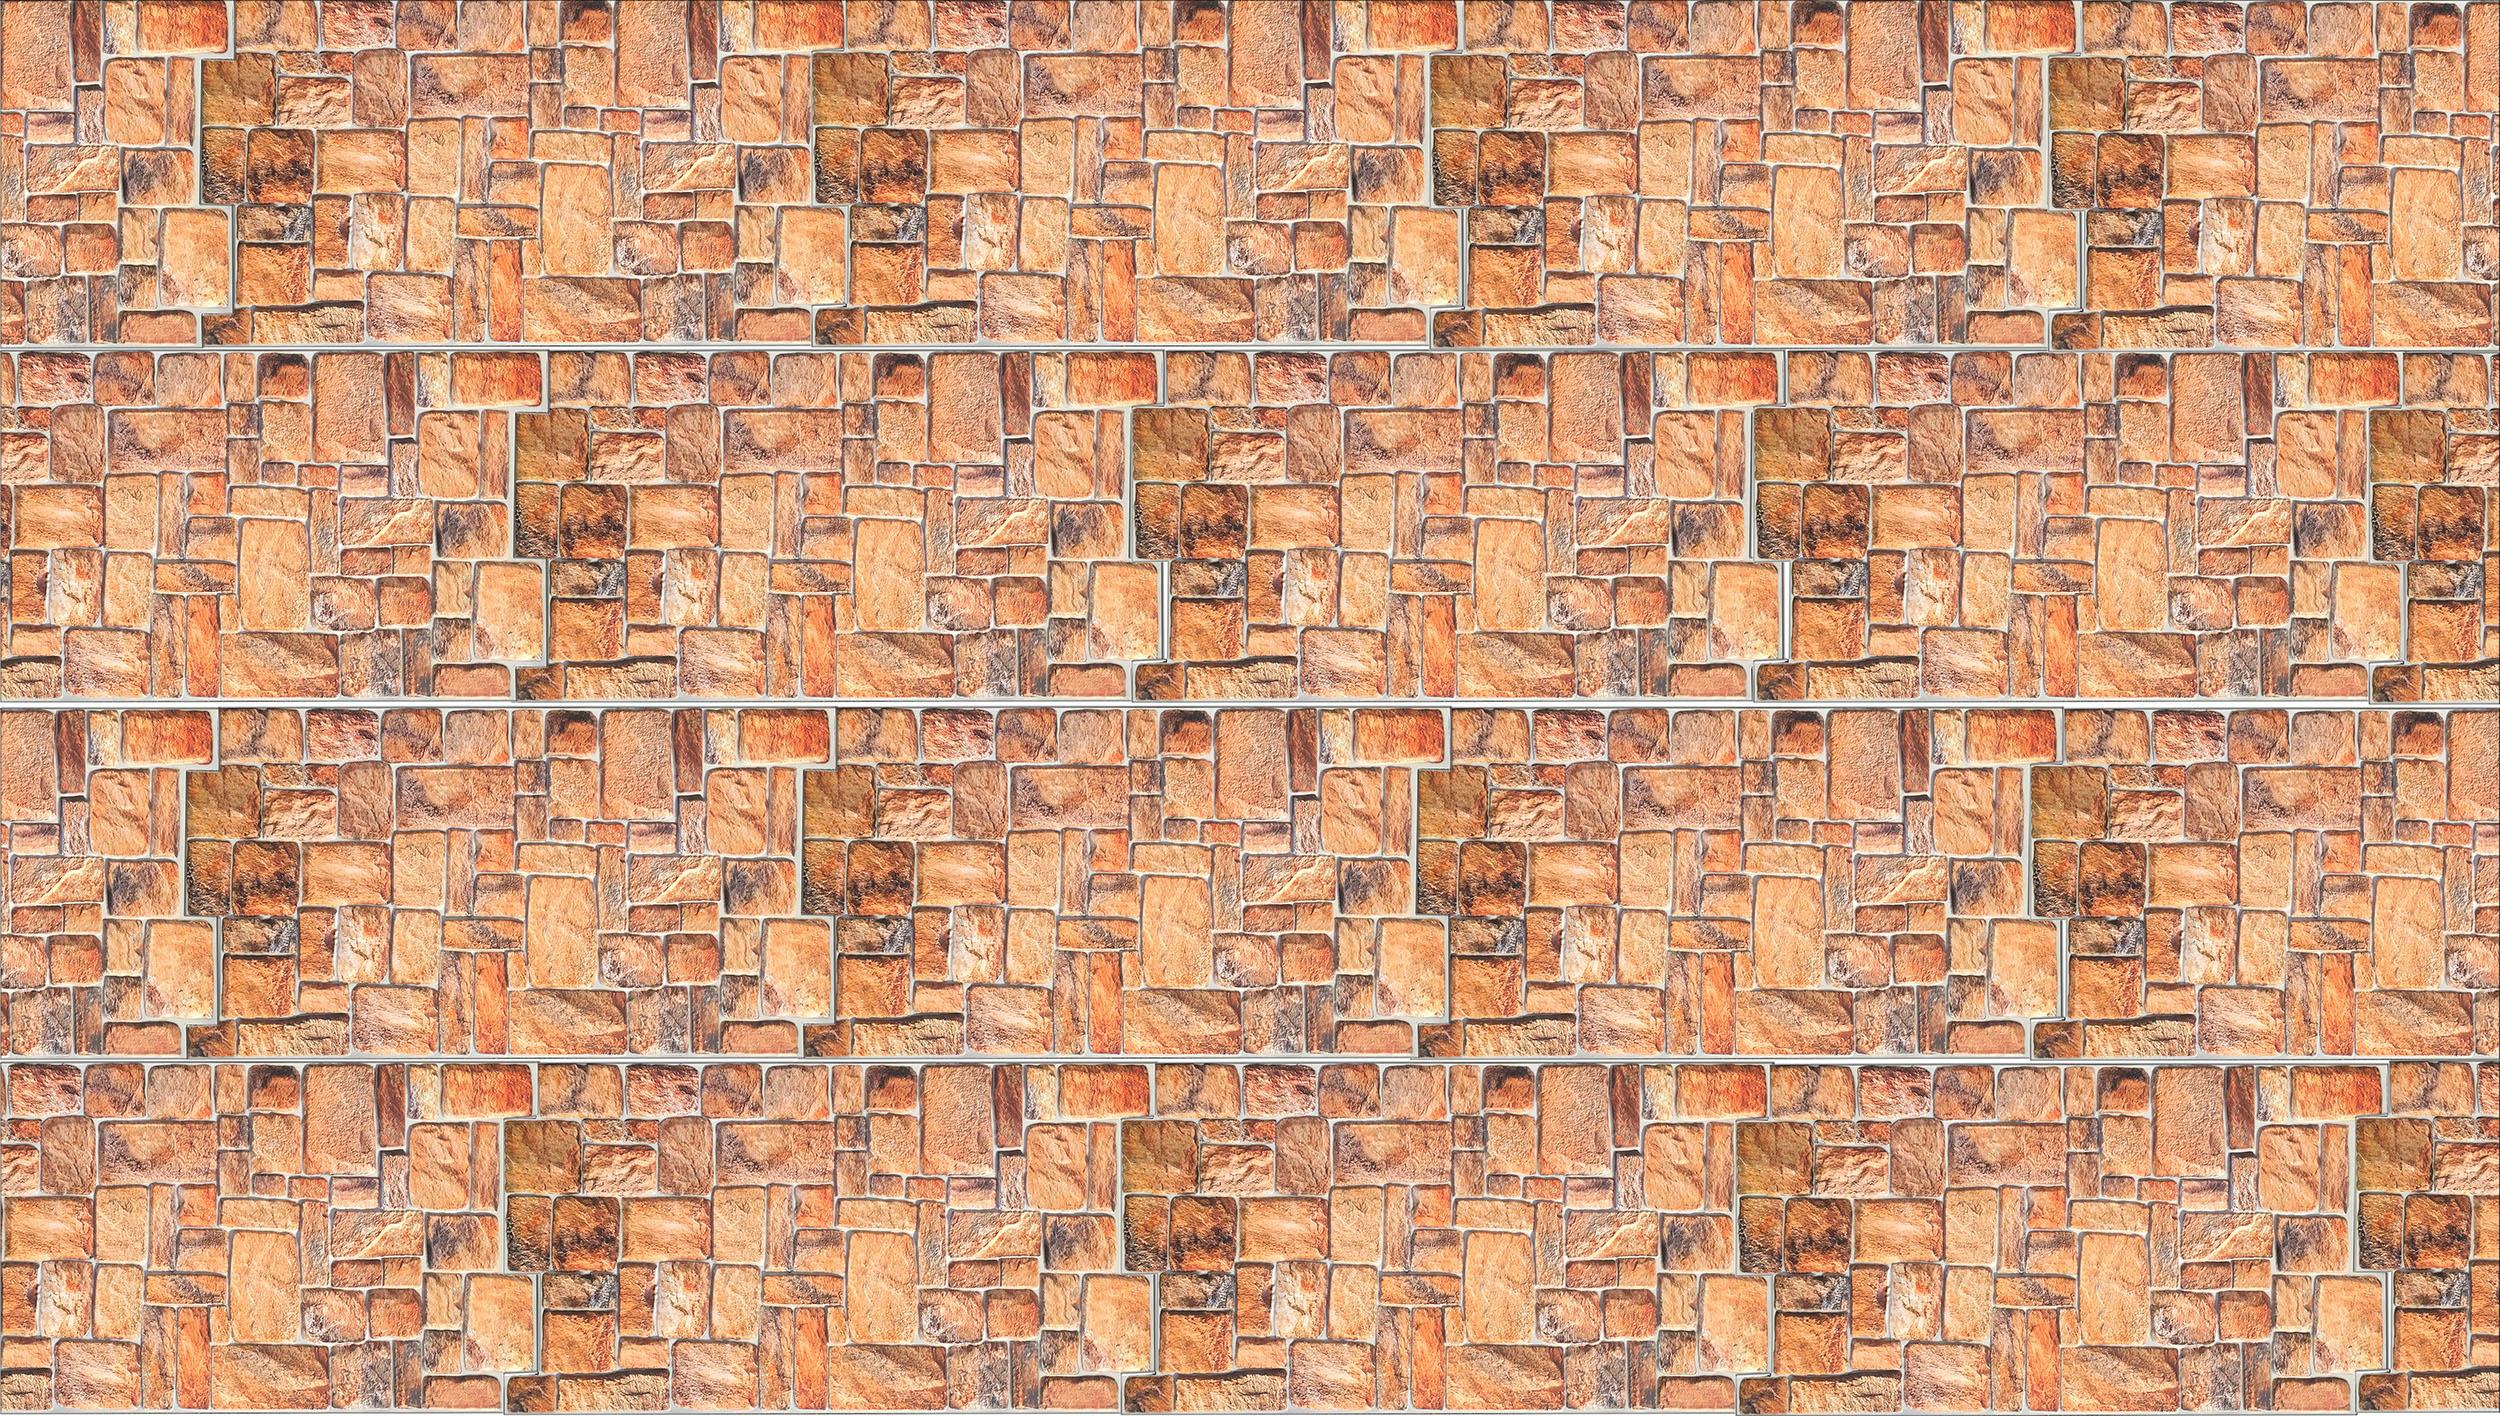 Natural Stone 39 Quot X 19 1 2 Quot Pvc Tile Antique Ceilings